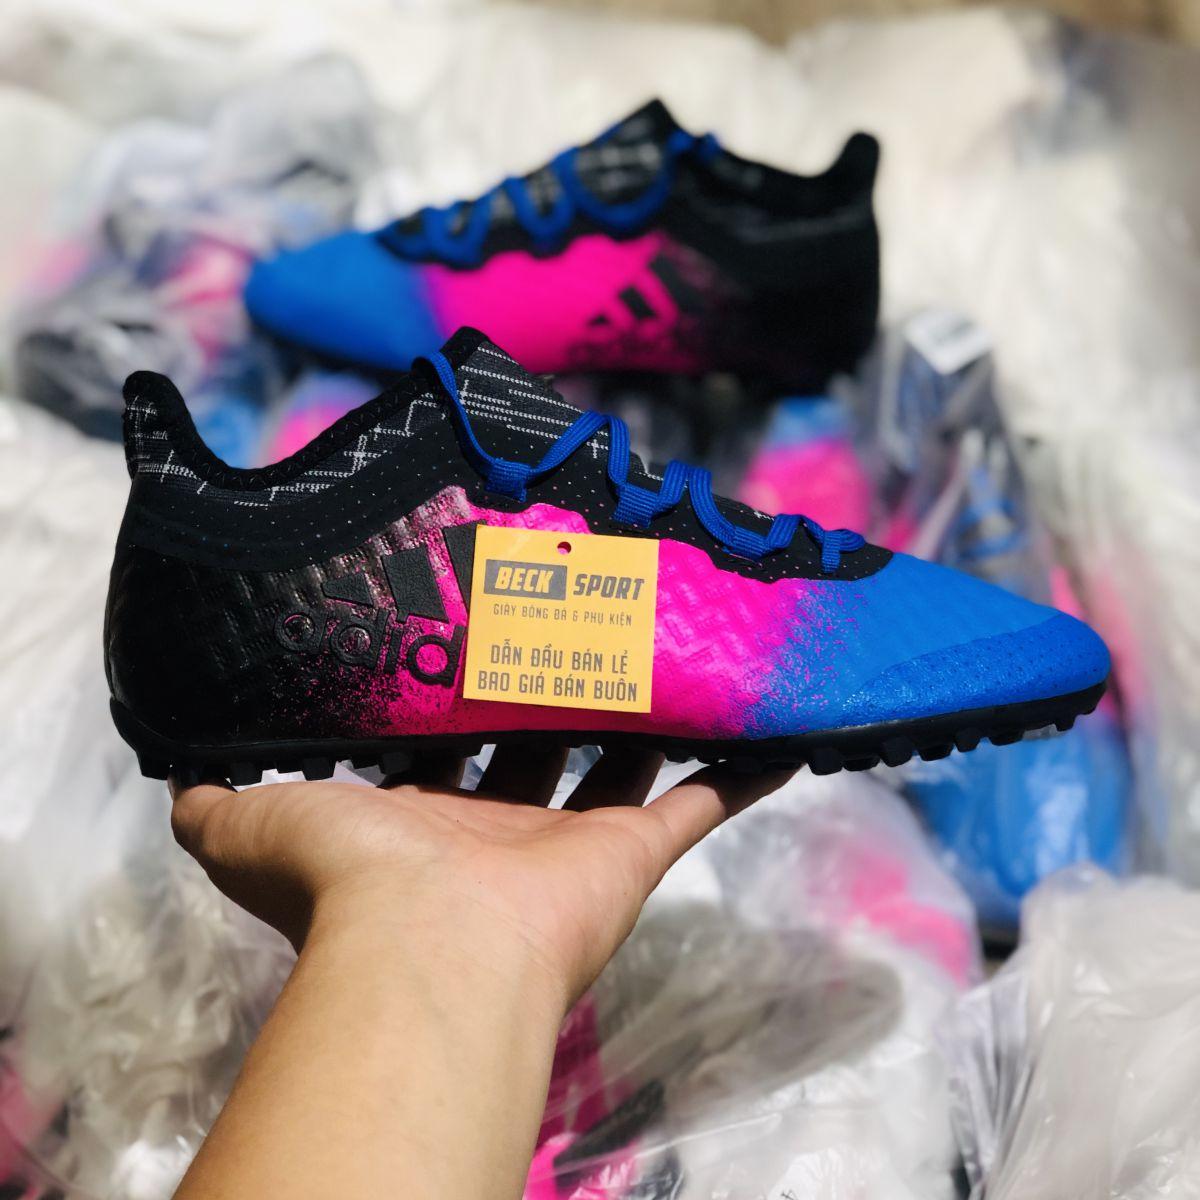 Giày Bóng Đá Adidas X 16.1 Tango Đen Hồng Xanh Biển TF